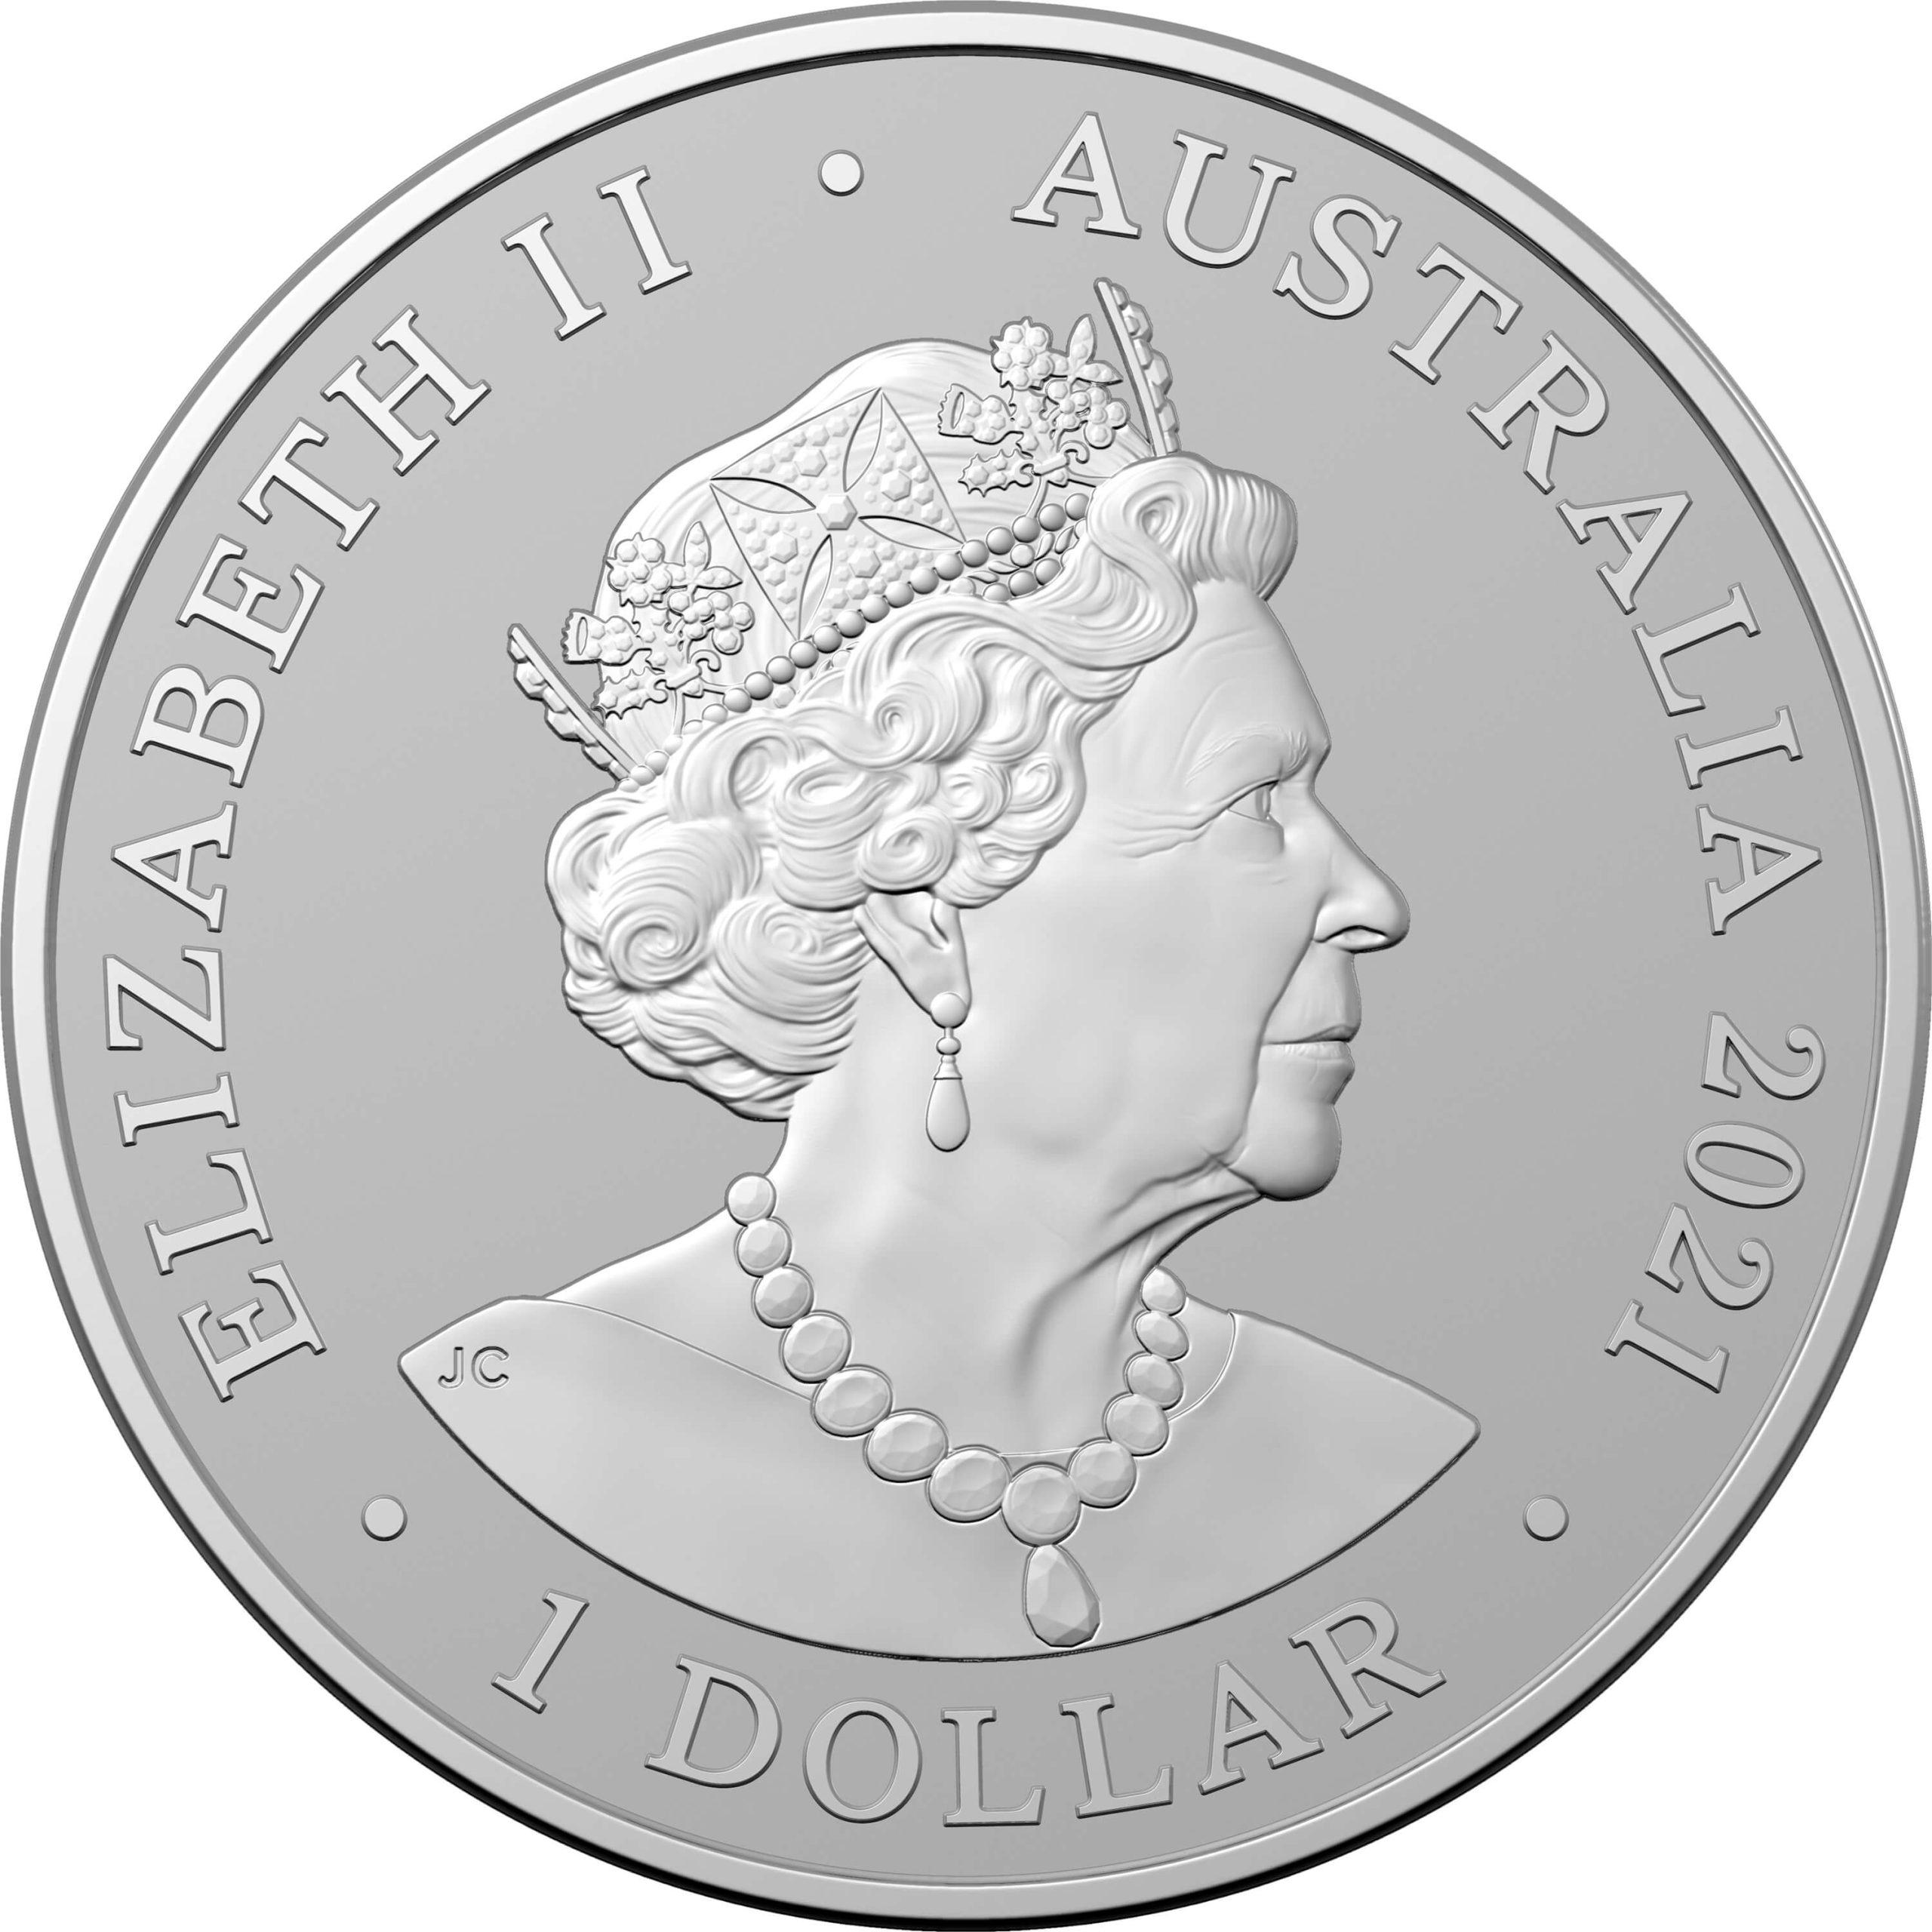 2021 $1 Australian Dolphin Series - Fraser's Dolphin 1oz .999 Silver Bullion Coin 2